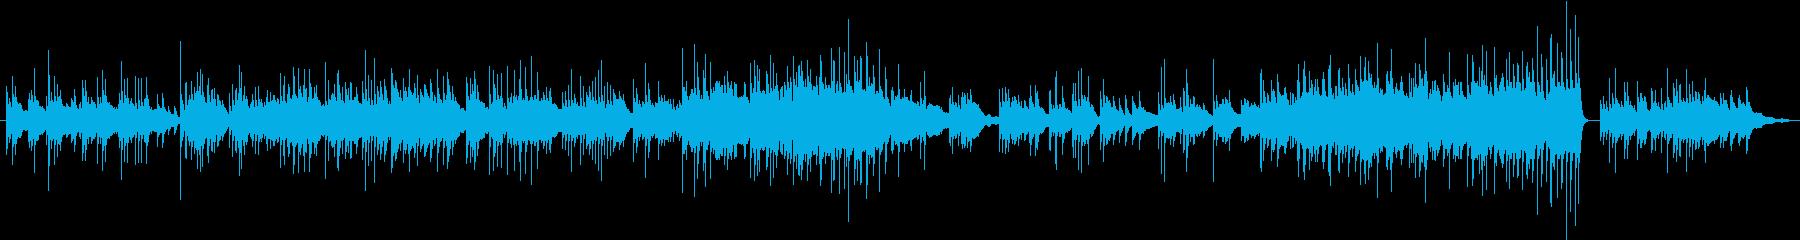 退廃的なピアノソロ曲の再生済みの波形